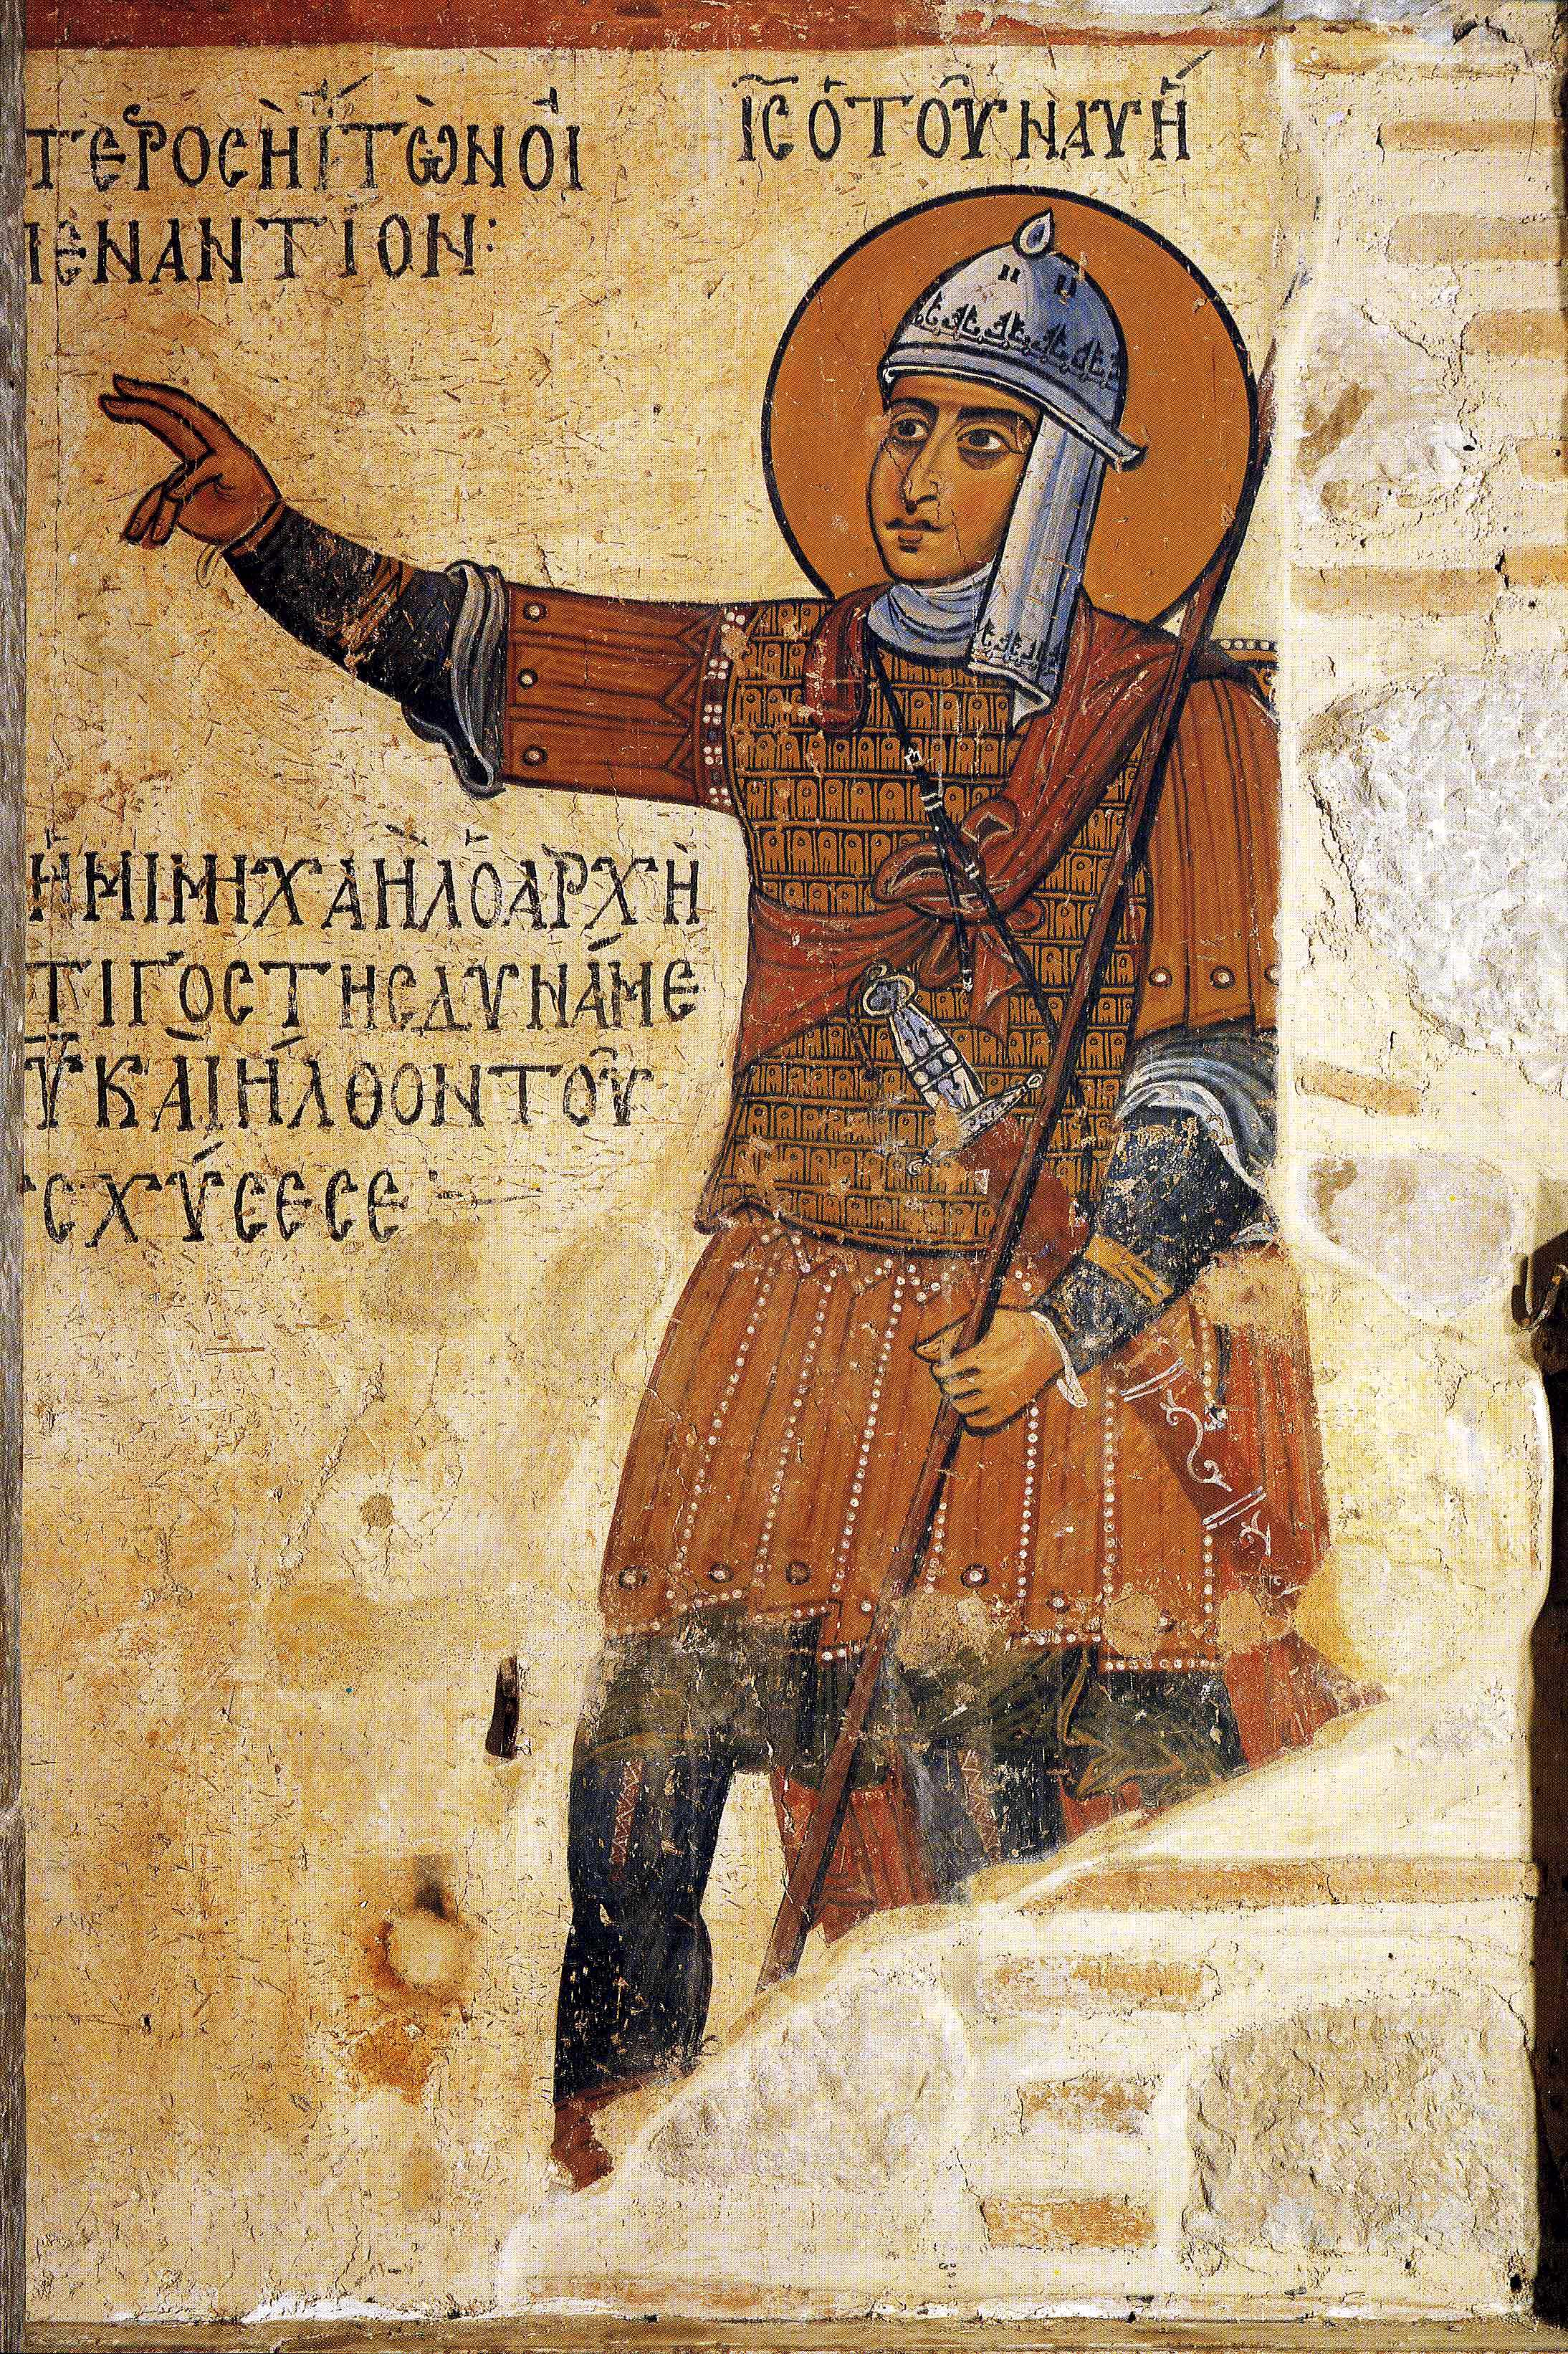 Святой Праведный Иисус Навин. Византийская фреска монастыря Осиос Лукас, Греция.